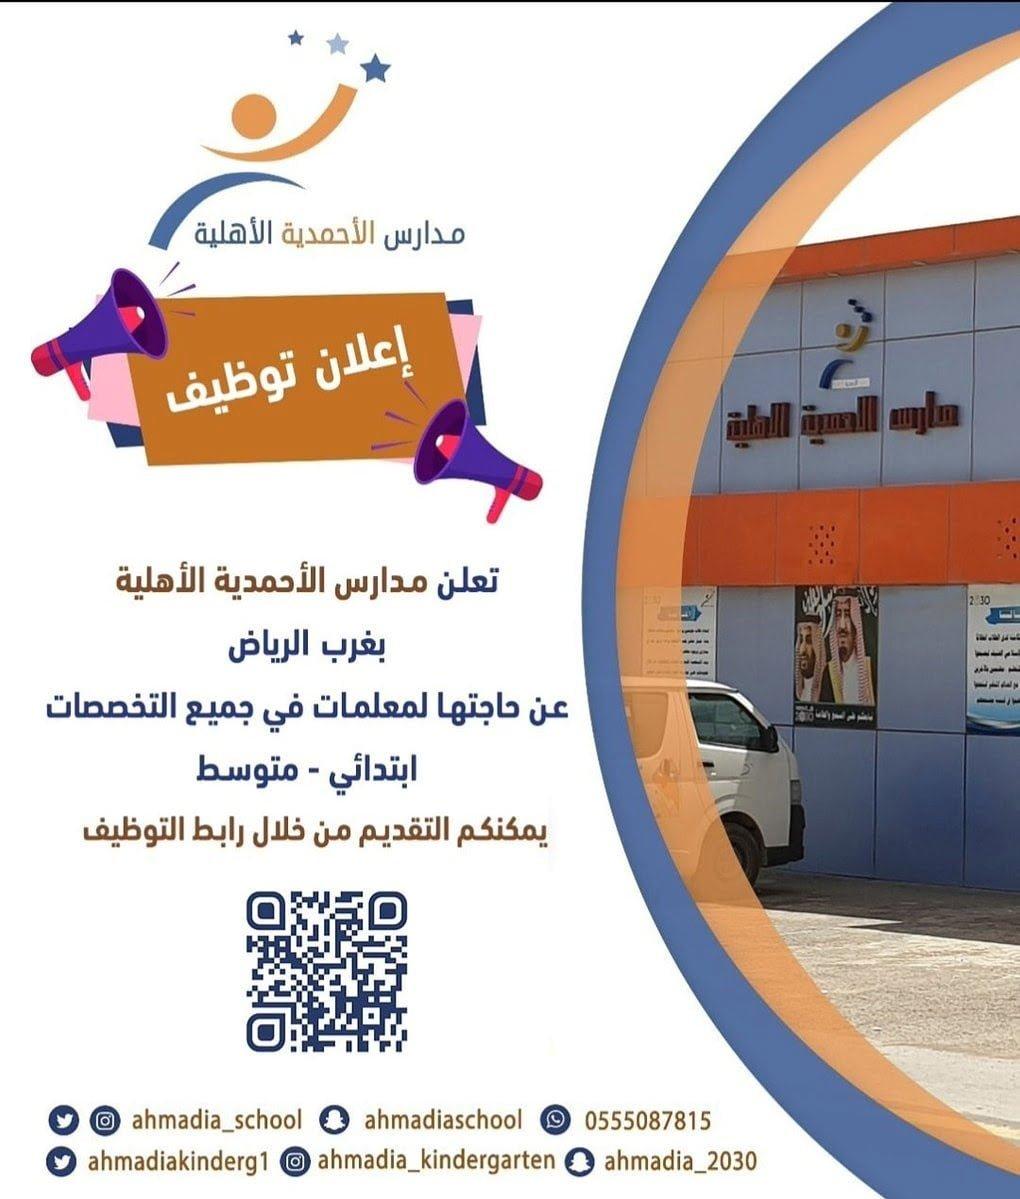 وظائف تعليمية في جميع التخصصات لدى مدارس الأحمدية الأهلية بمدينة الرياض 3